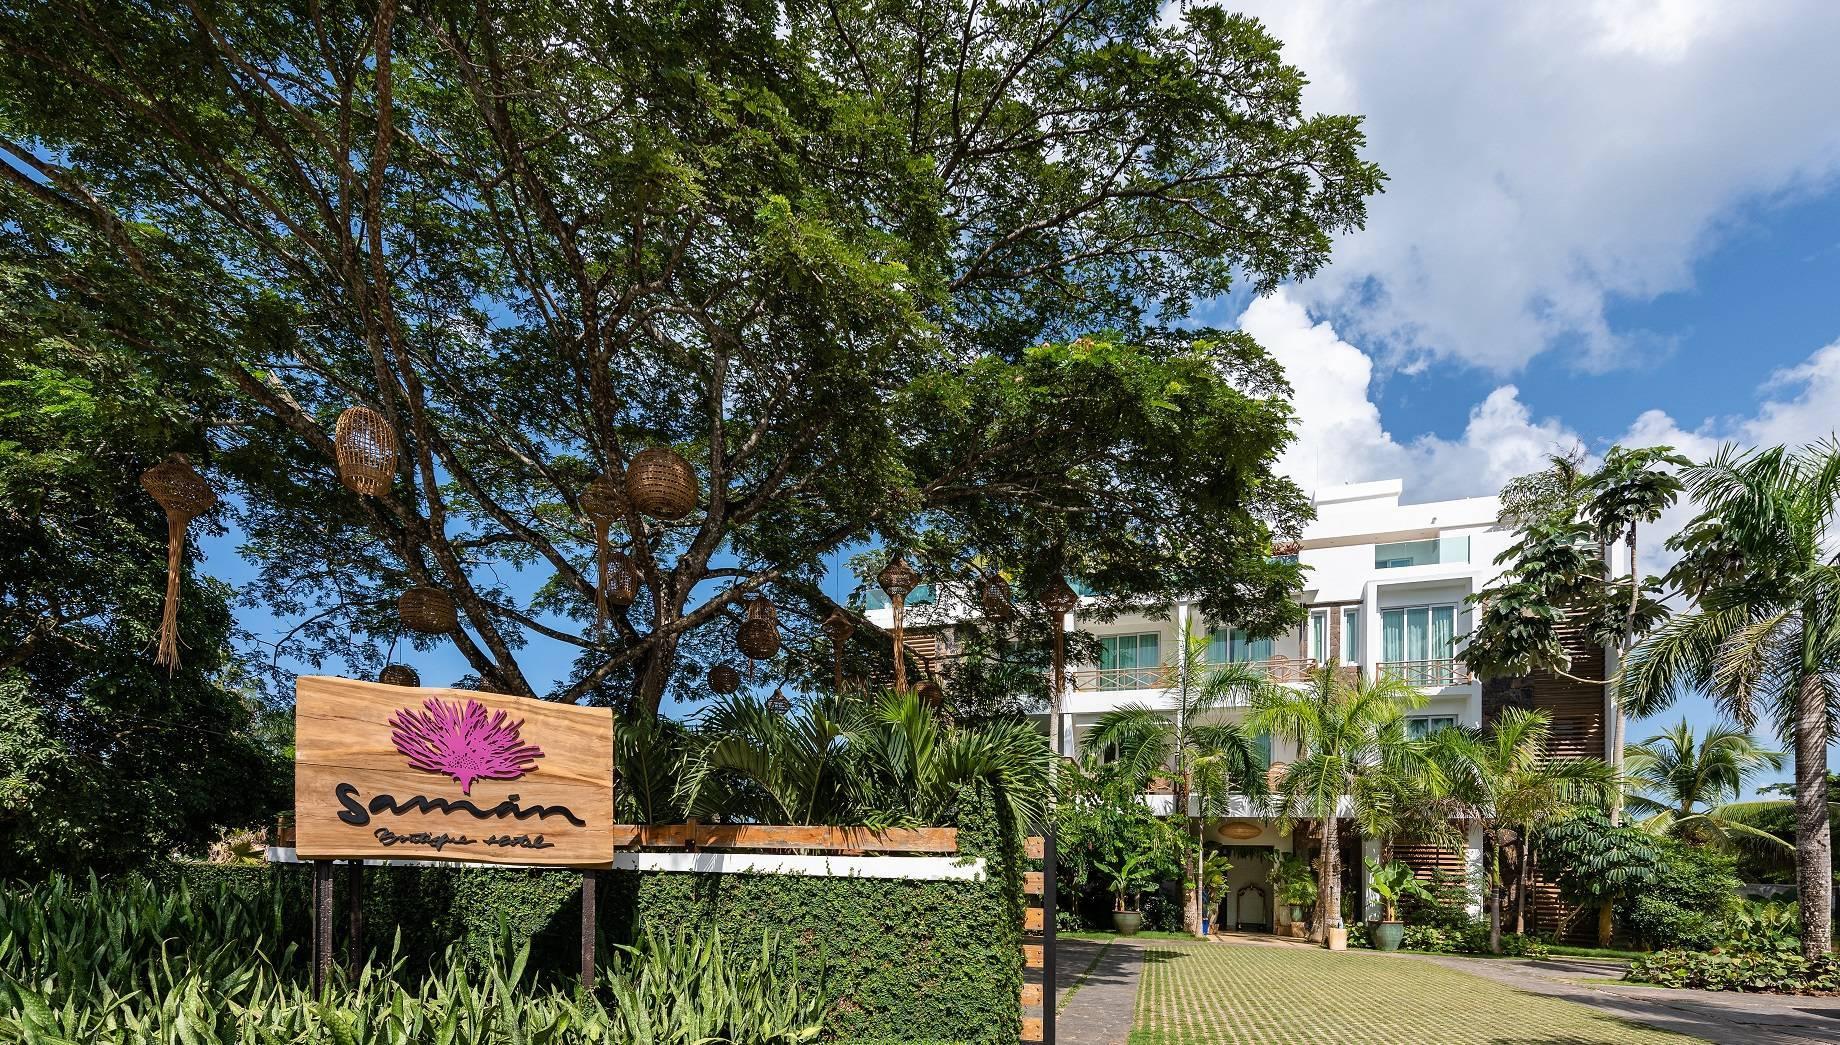 Fachada del Samana Boutique Hotel, en República Dominicana.